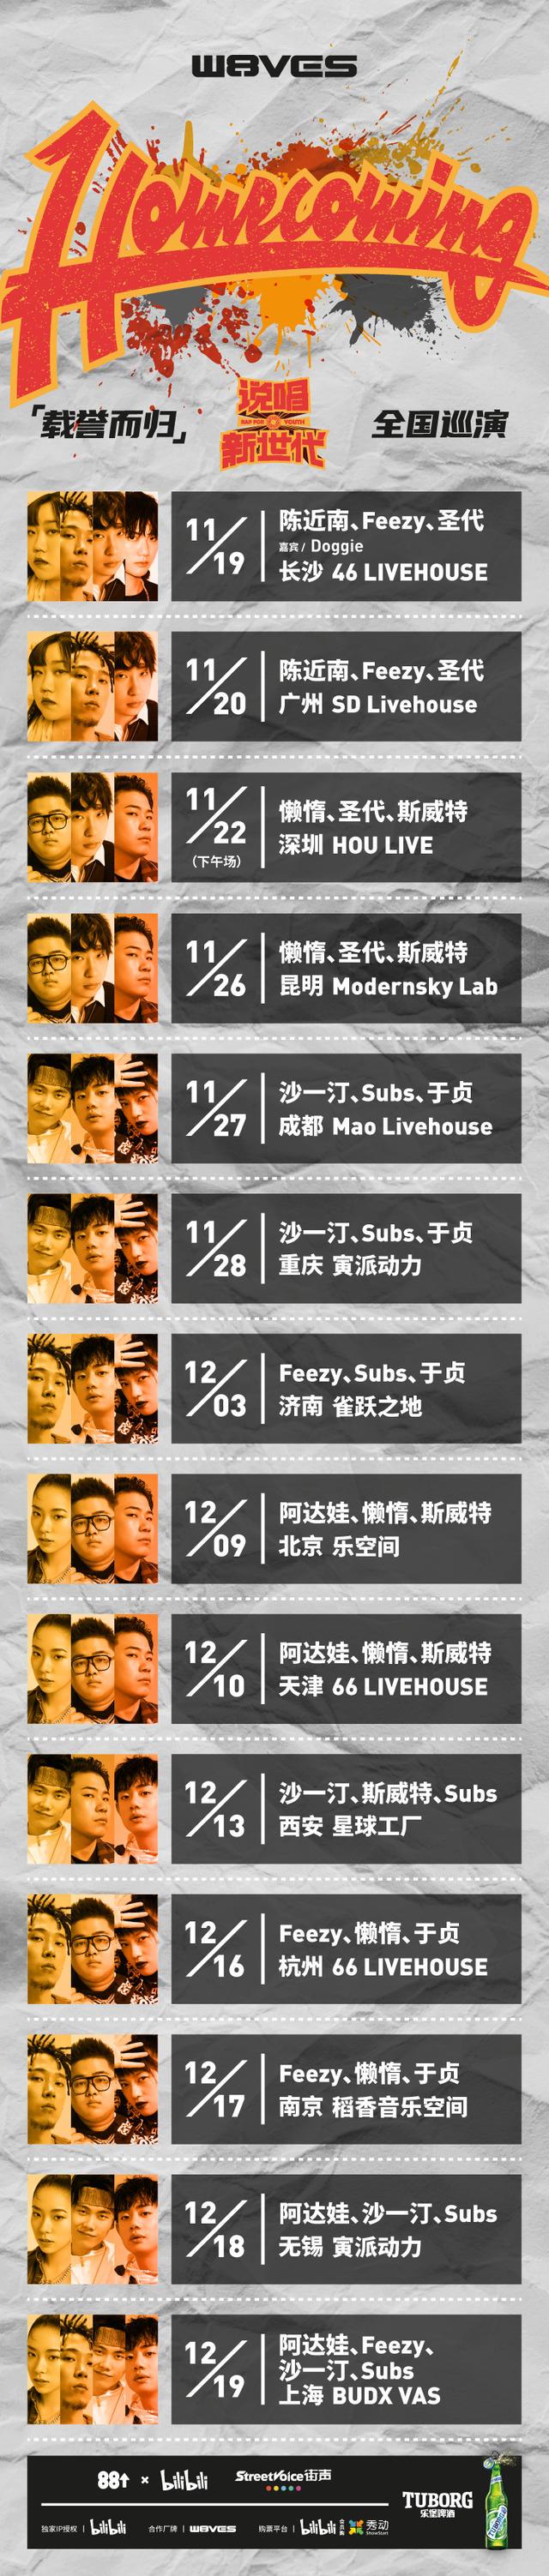 【上海站】「Subs/阿达娃/沙一汀/直火帮feezy」Homecoming《载誉而归》说唱新世代巡演LVH